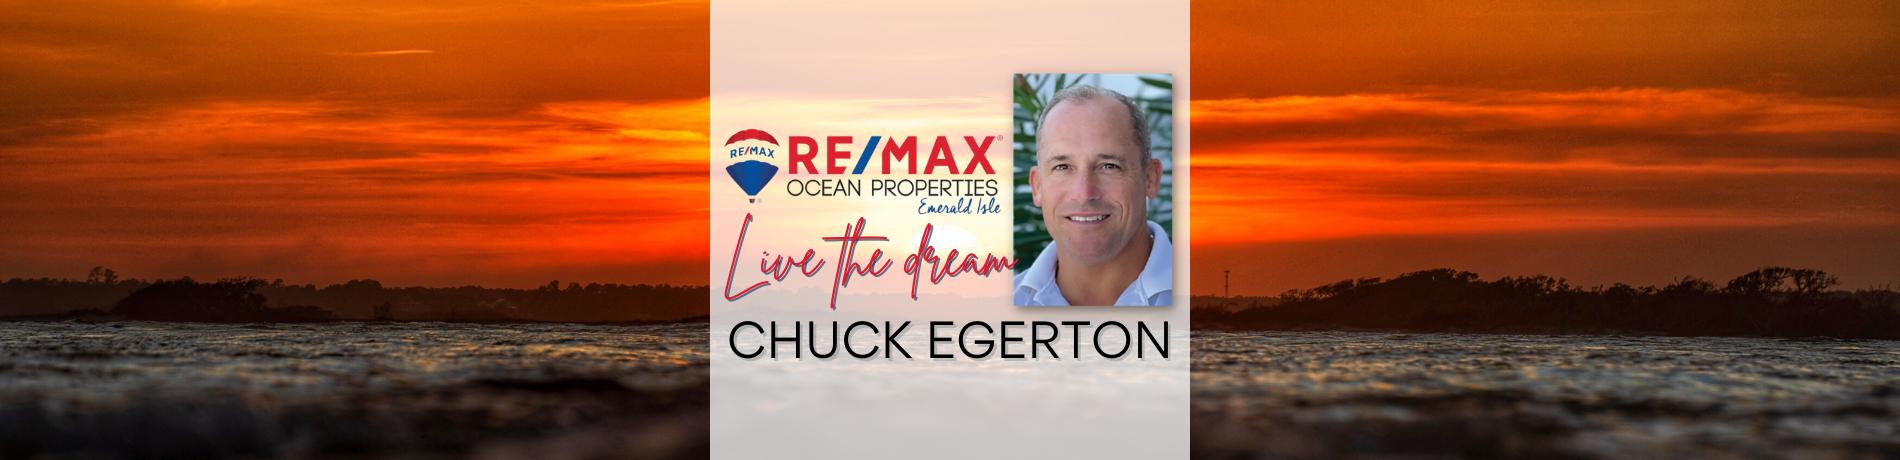 Chuck Egerton RE/MAX Ocean Properties